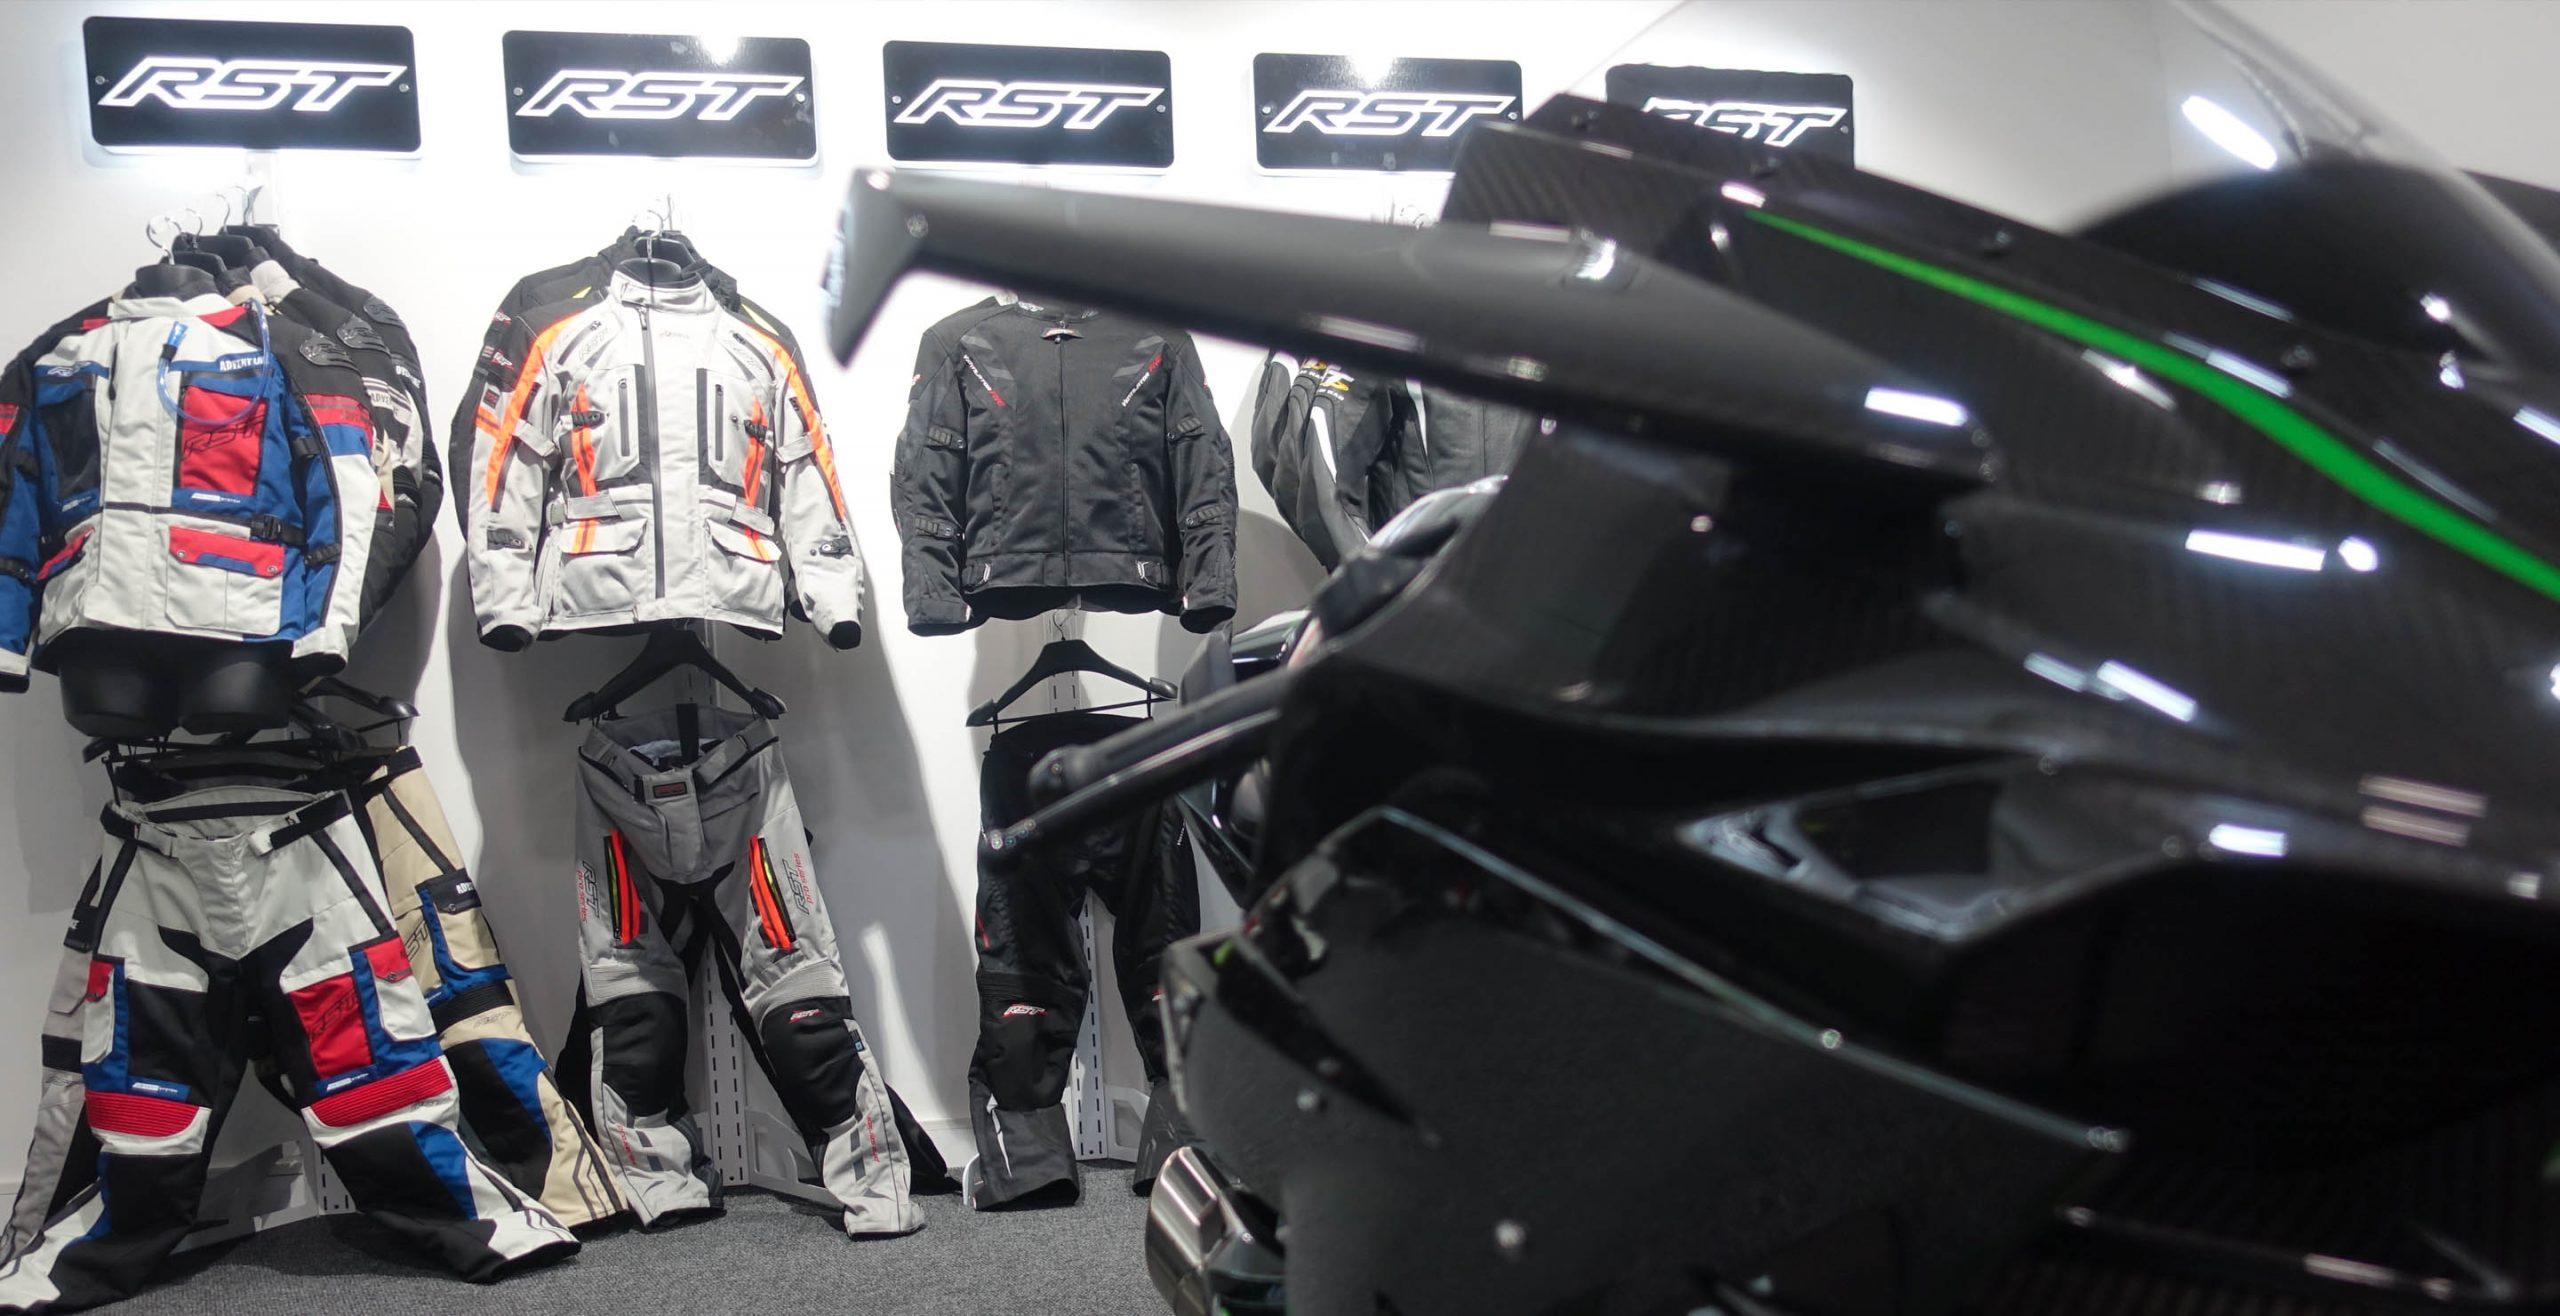 Showroom de RST donde se aprecia en un primer plano una moto de atrezzo delante de la colección de chaquetas adventure y urban 2019